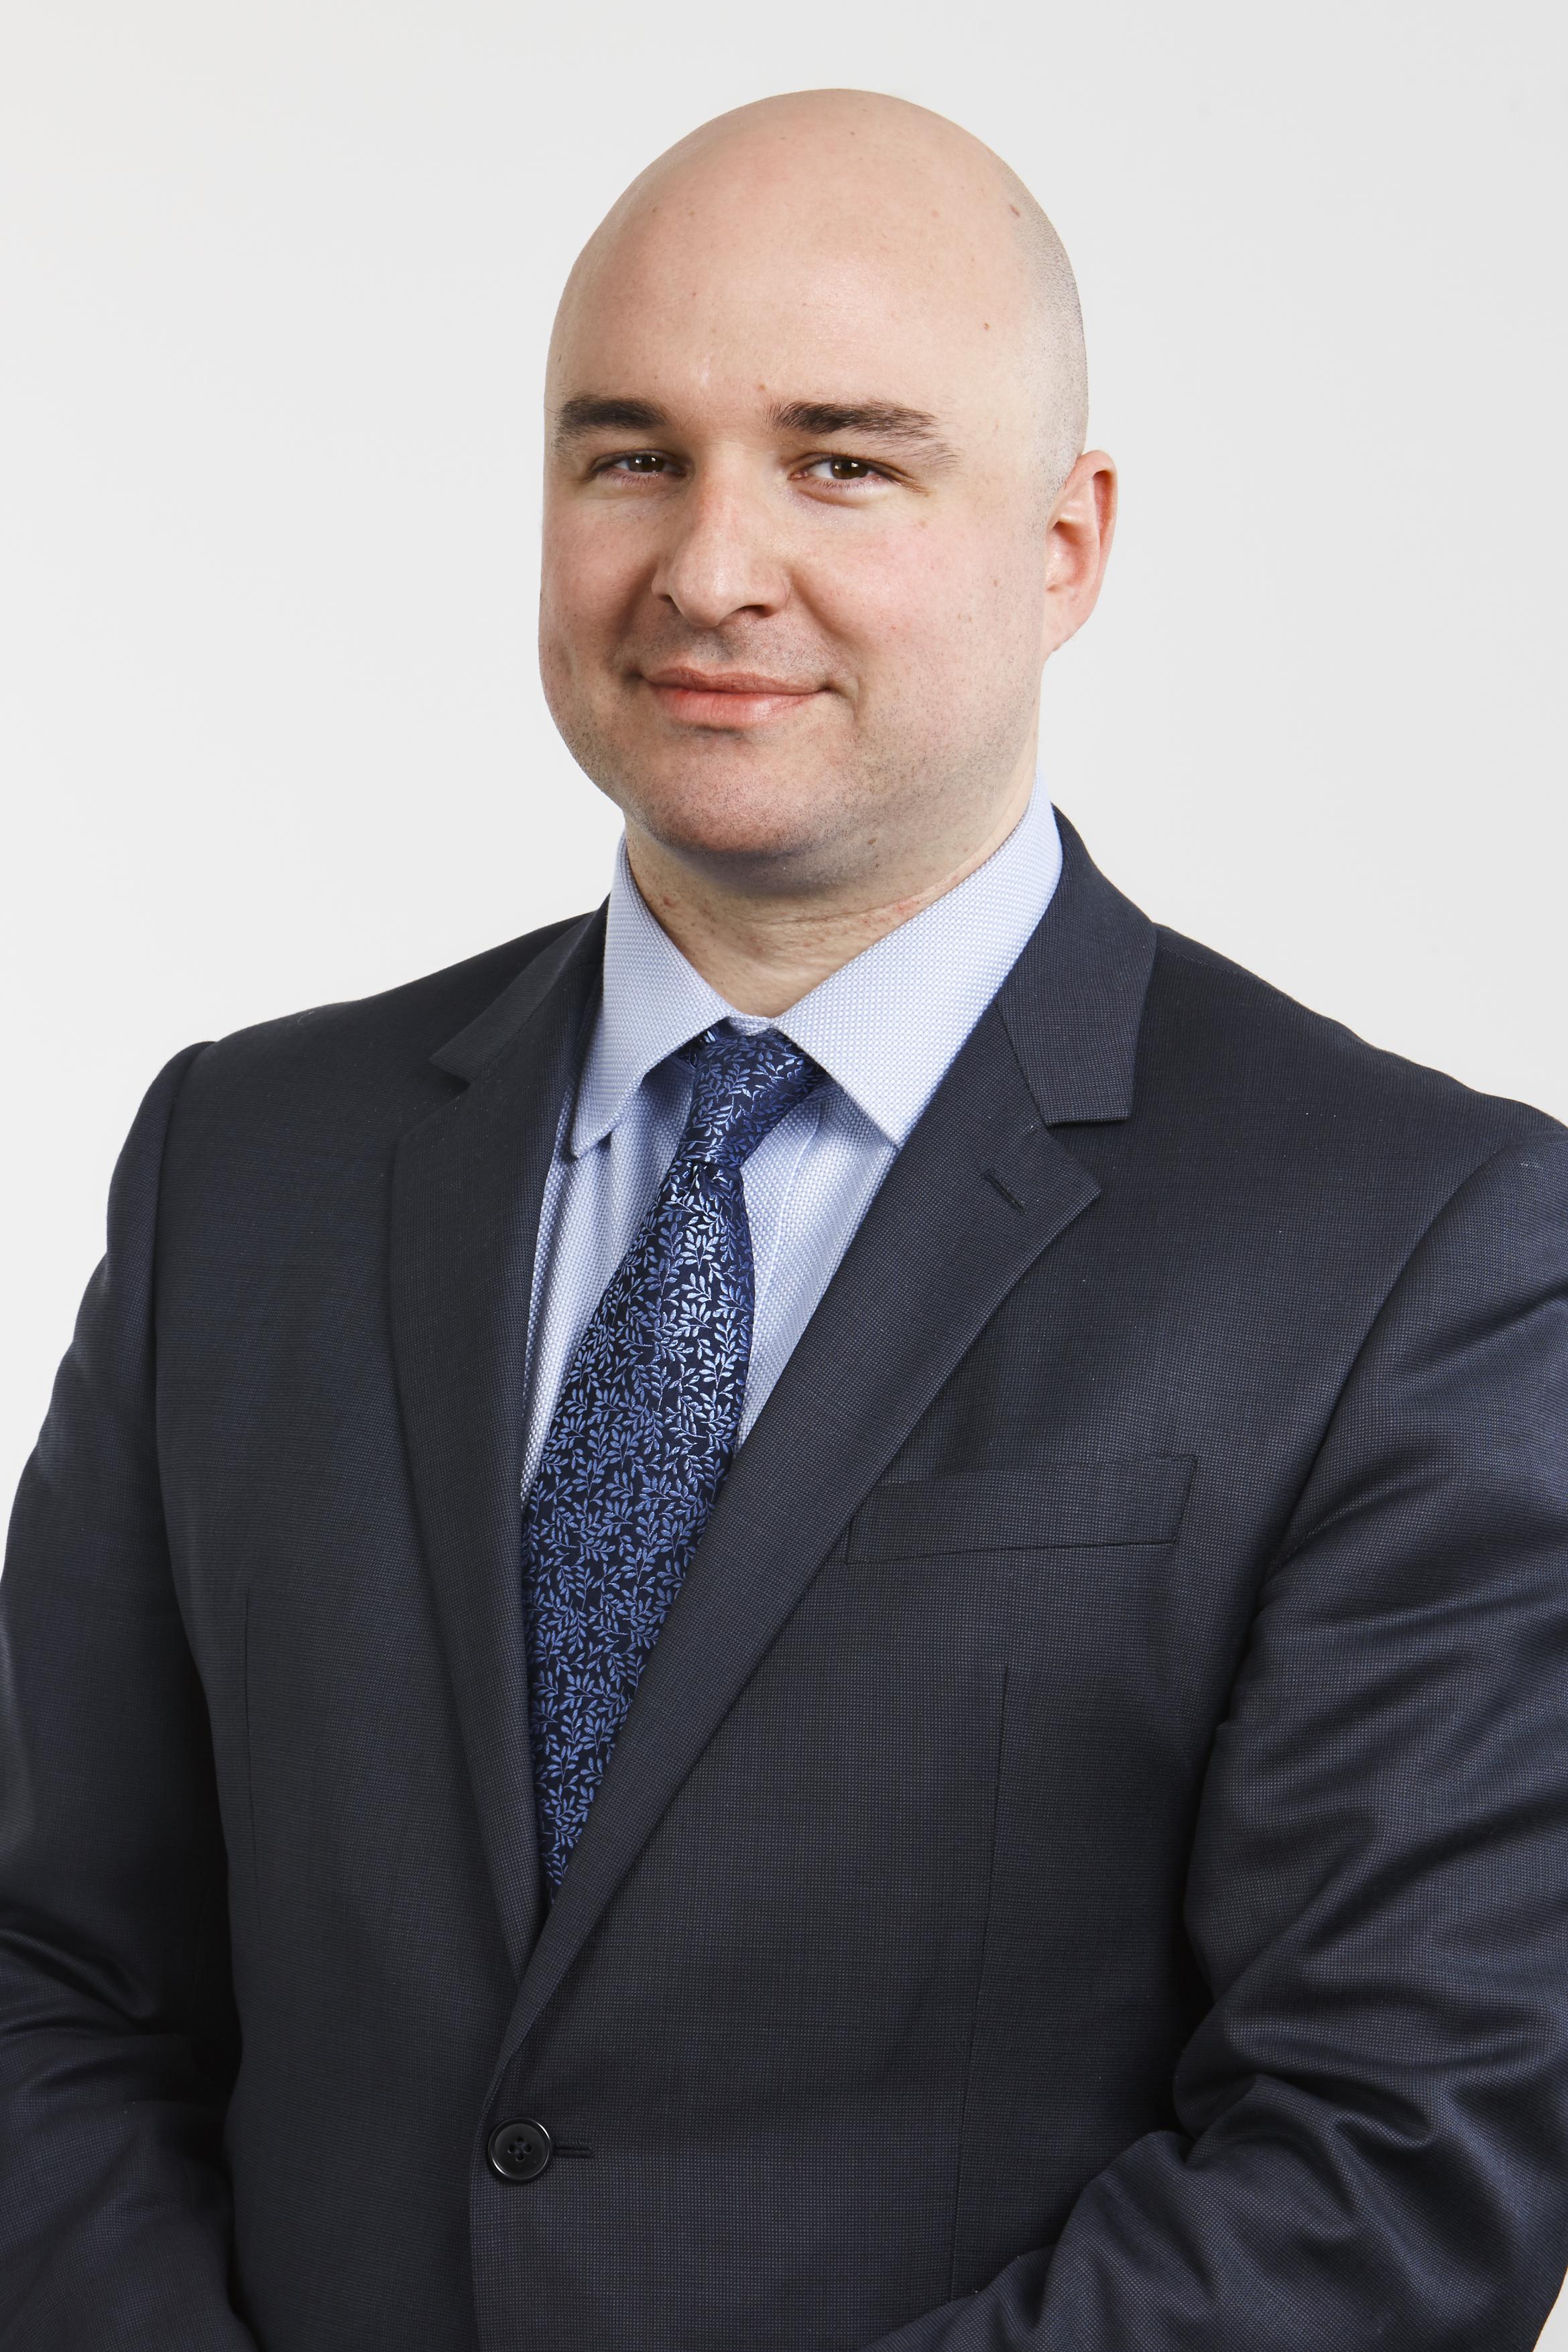 Oliver Cain, JD, BA, GDLP